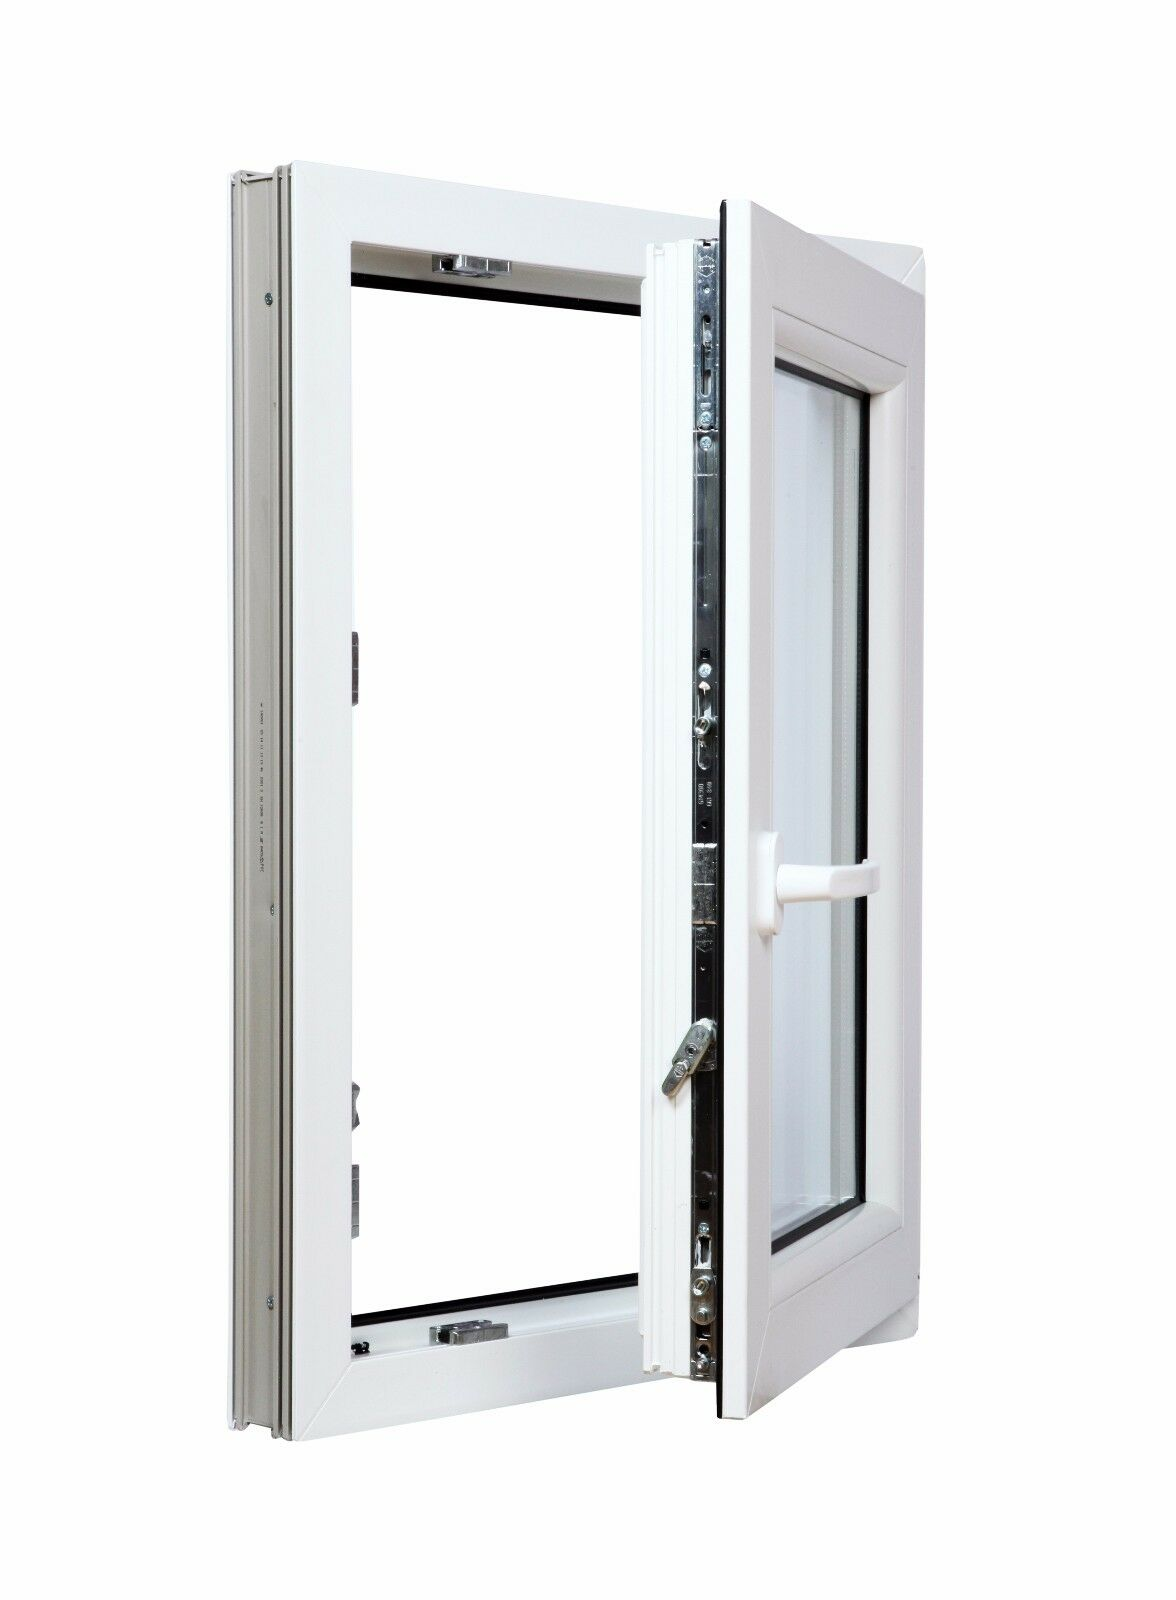 Kunststoff Fenster Dreh Kipp Breite 900 mm weiß + viele Höhen Kellerfenster